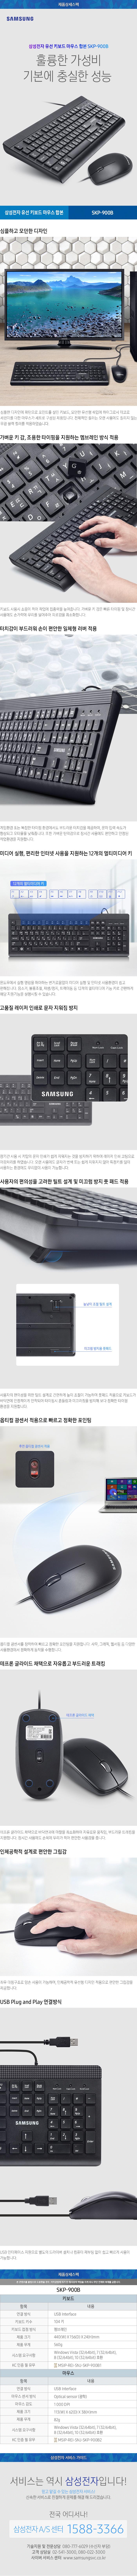 삼성전자 SKP-900B 유선 키보드 + 마우스 세트 마우스키보드 키보드마우스세트 유선키보드 유선마우스 유선키보드마우스세트 PC키보드 PC마우스 컴퓨터마우스 컴퓨터키보드 키보드세트